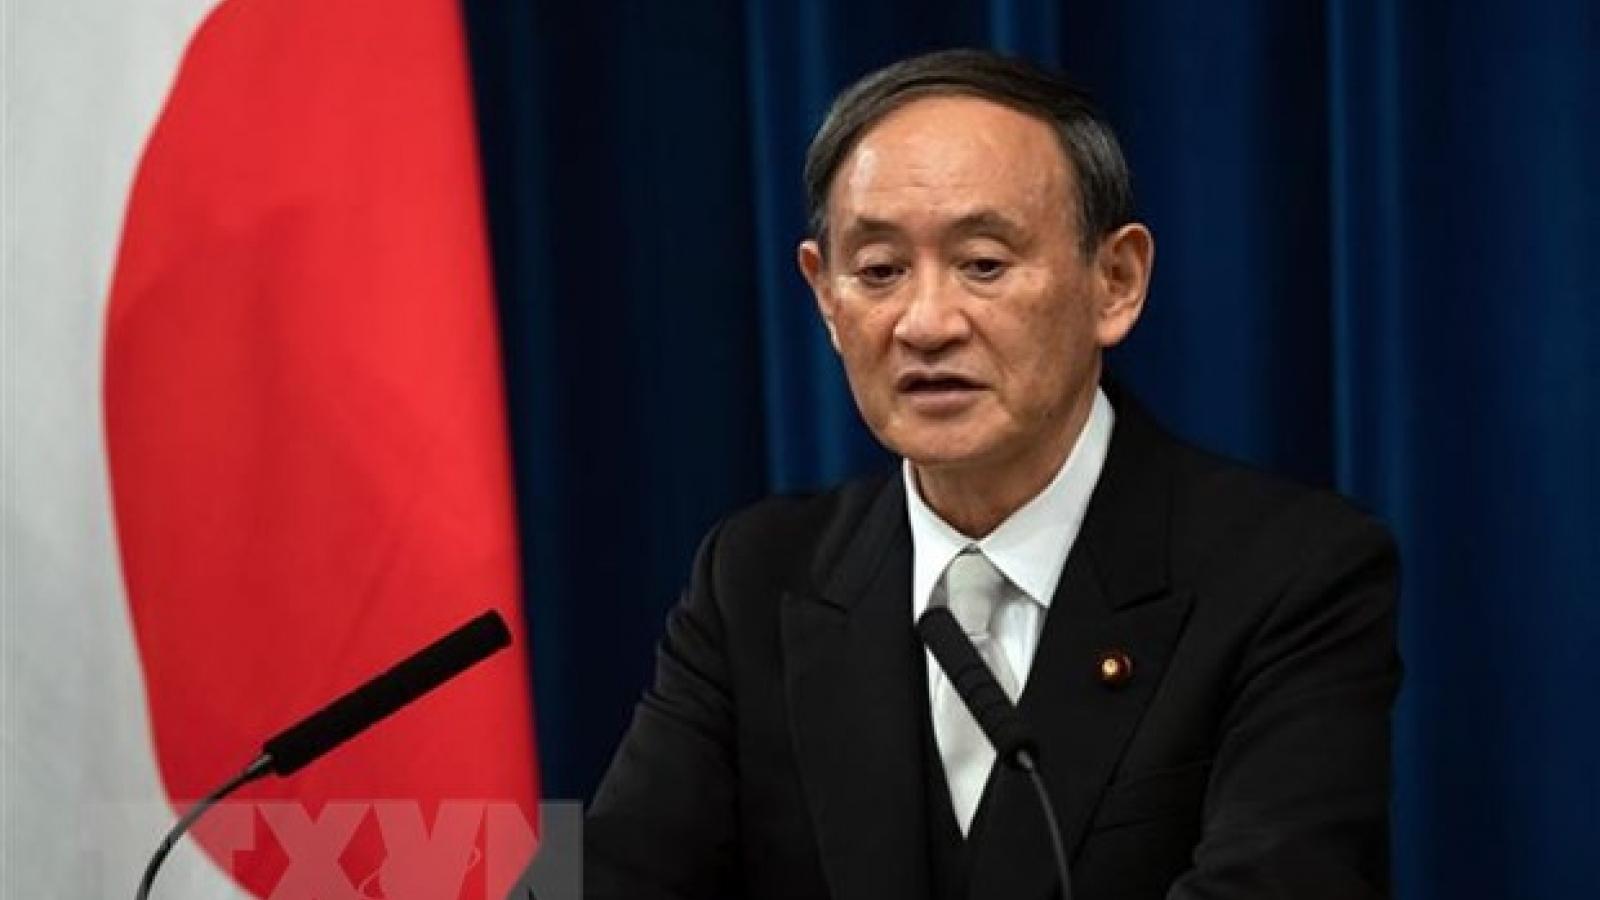 """Thủ tướng Nhật Bản và Australia bày tỏ """"quan ngại nghiêm trọng"""" về Biển Đông"""